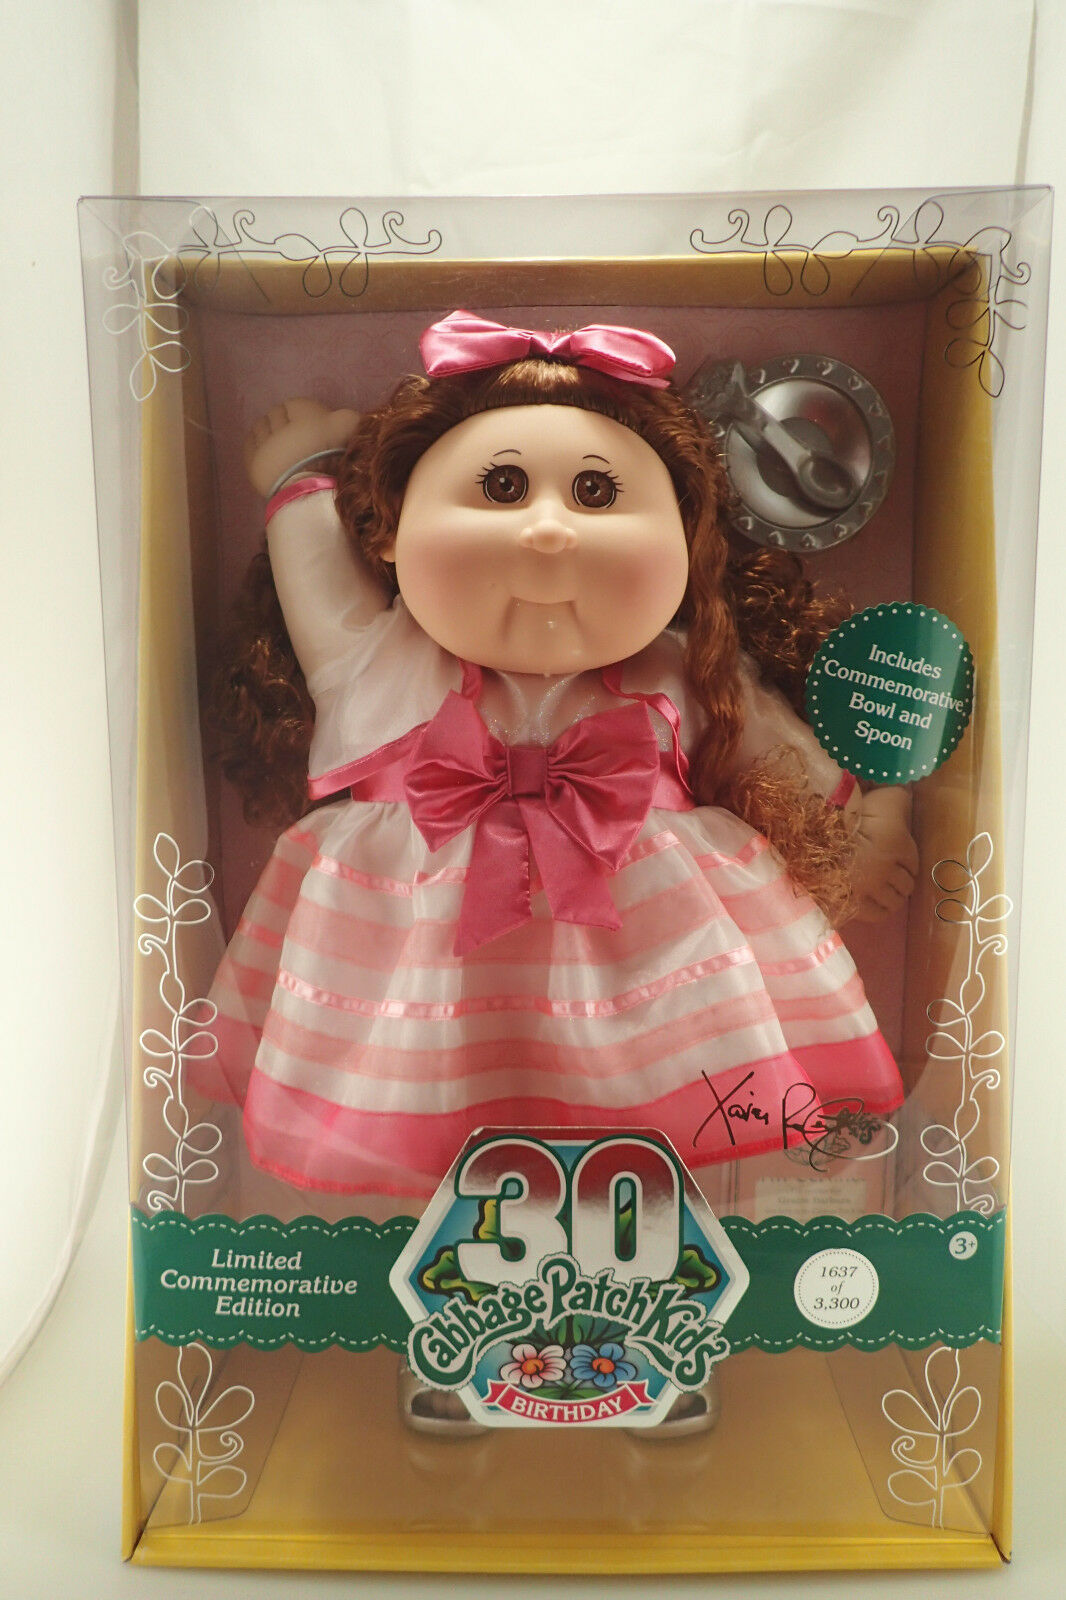 Nuevo En Caja Cabbage Patch Kids Conmemorativo 30 Aniversario de 3300 Feb 13